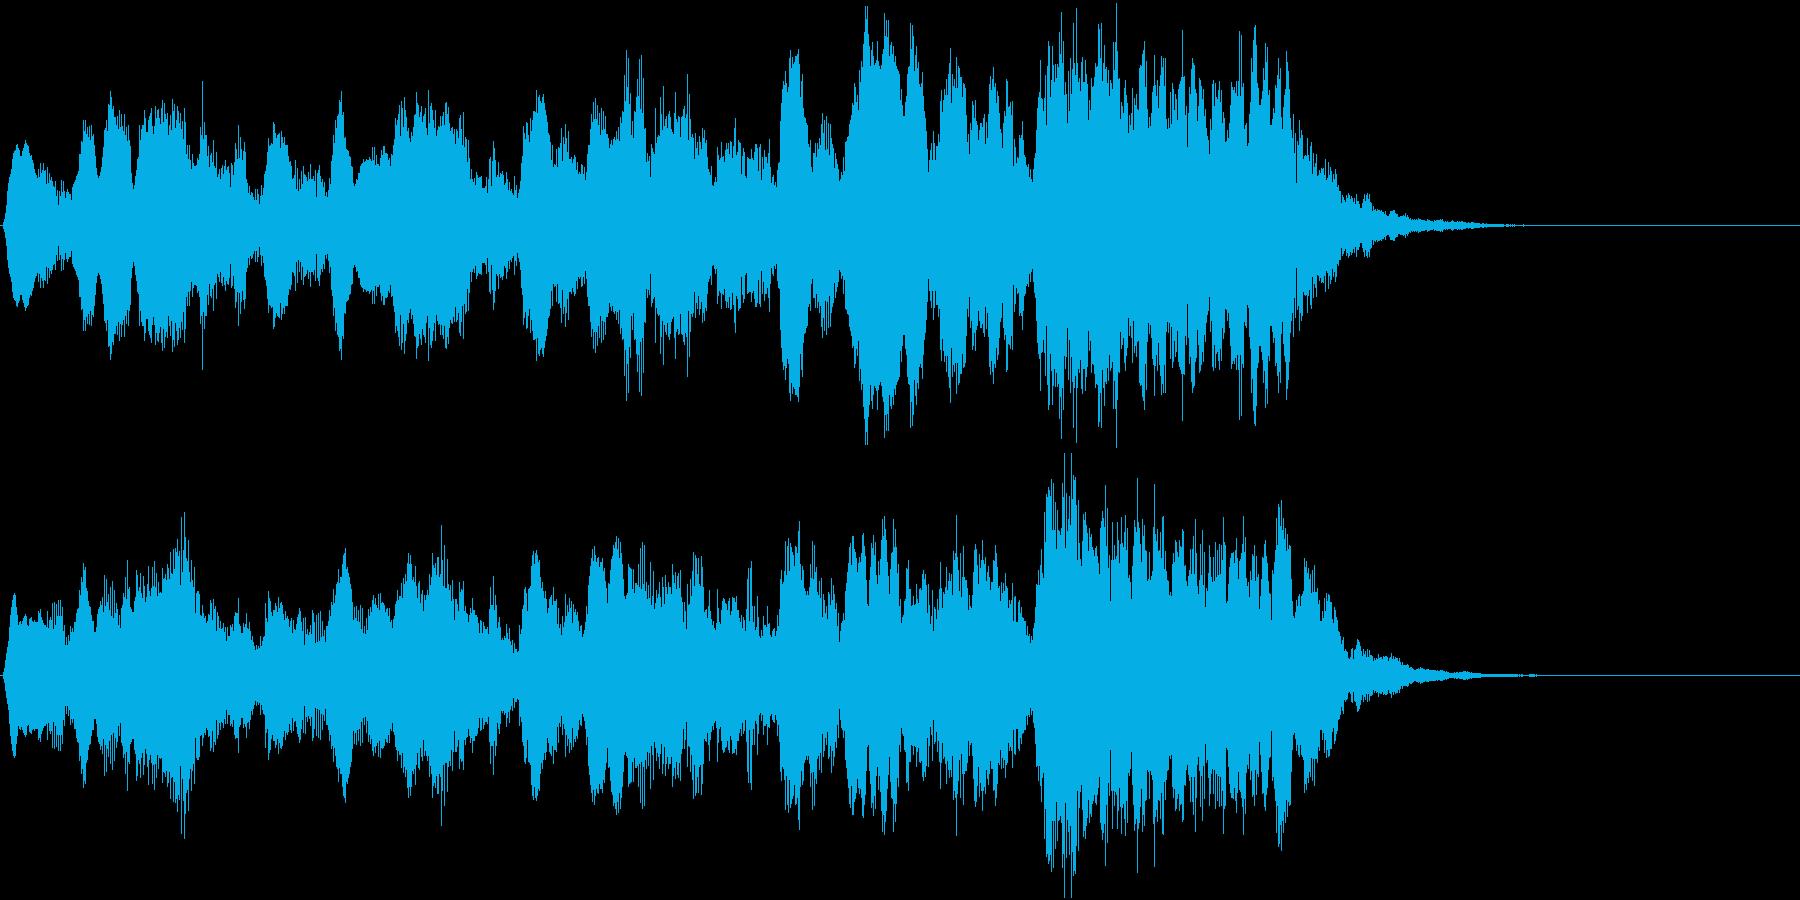 軽快なオーケストラ風ジングルの再生済みの波形